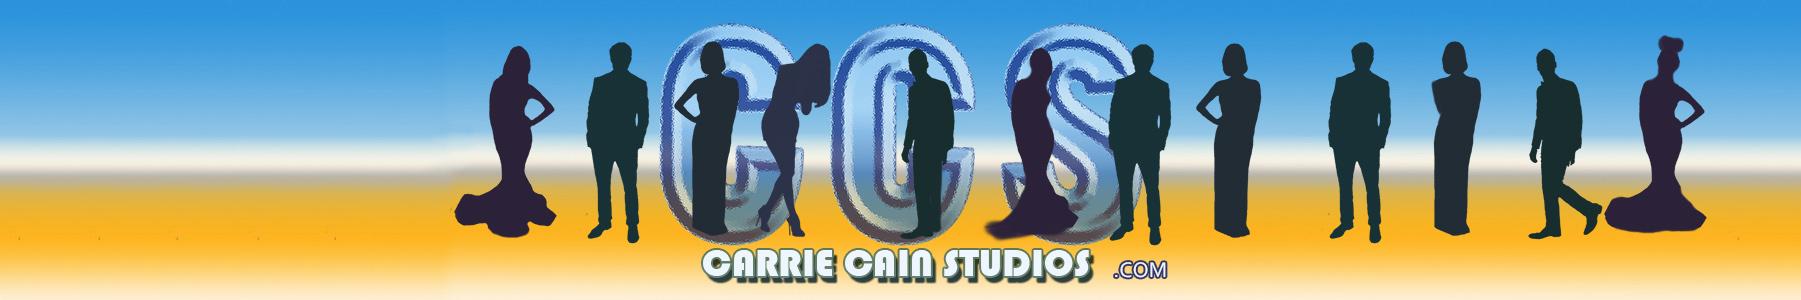 Carrie Cain Studios